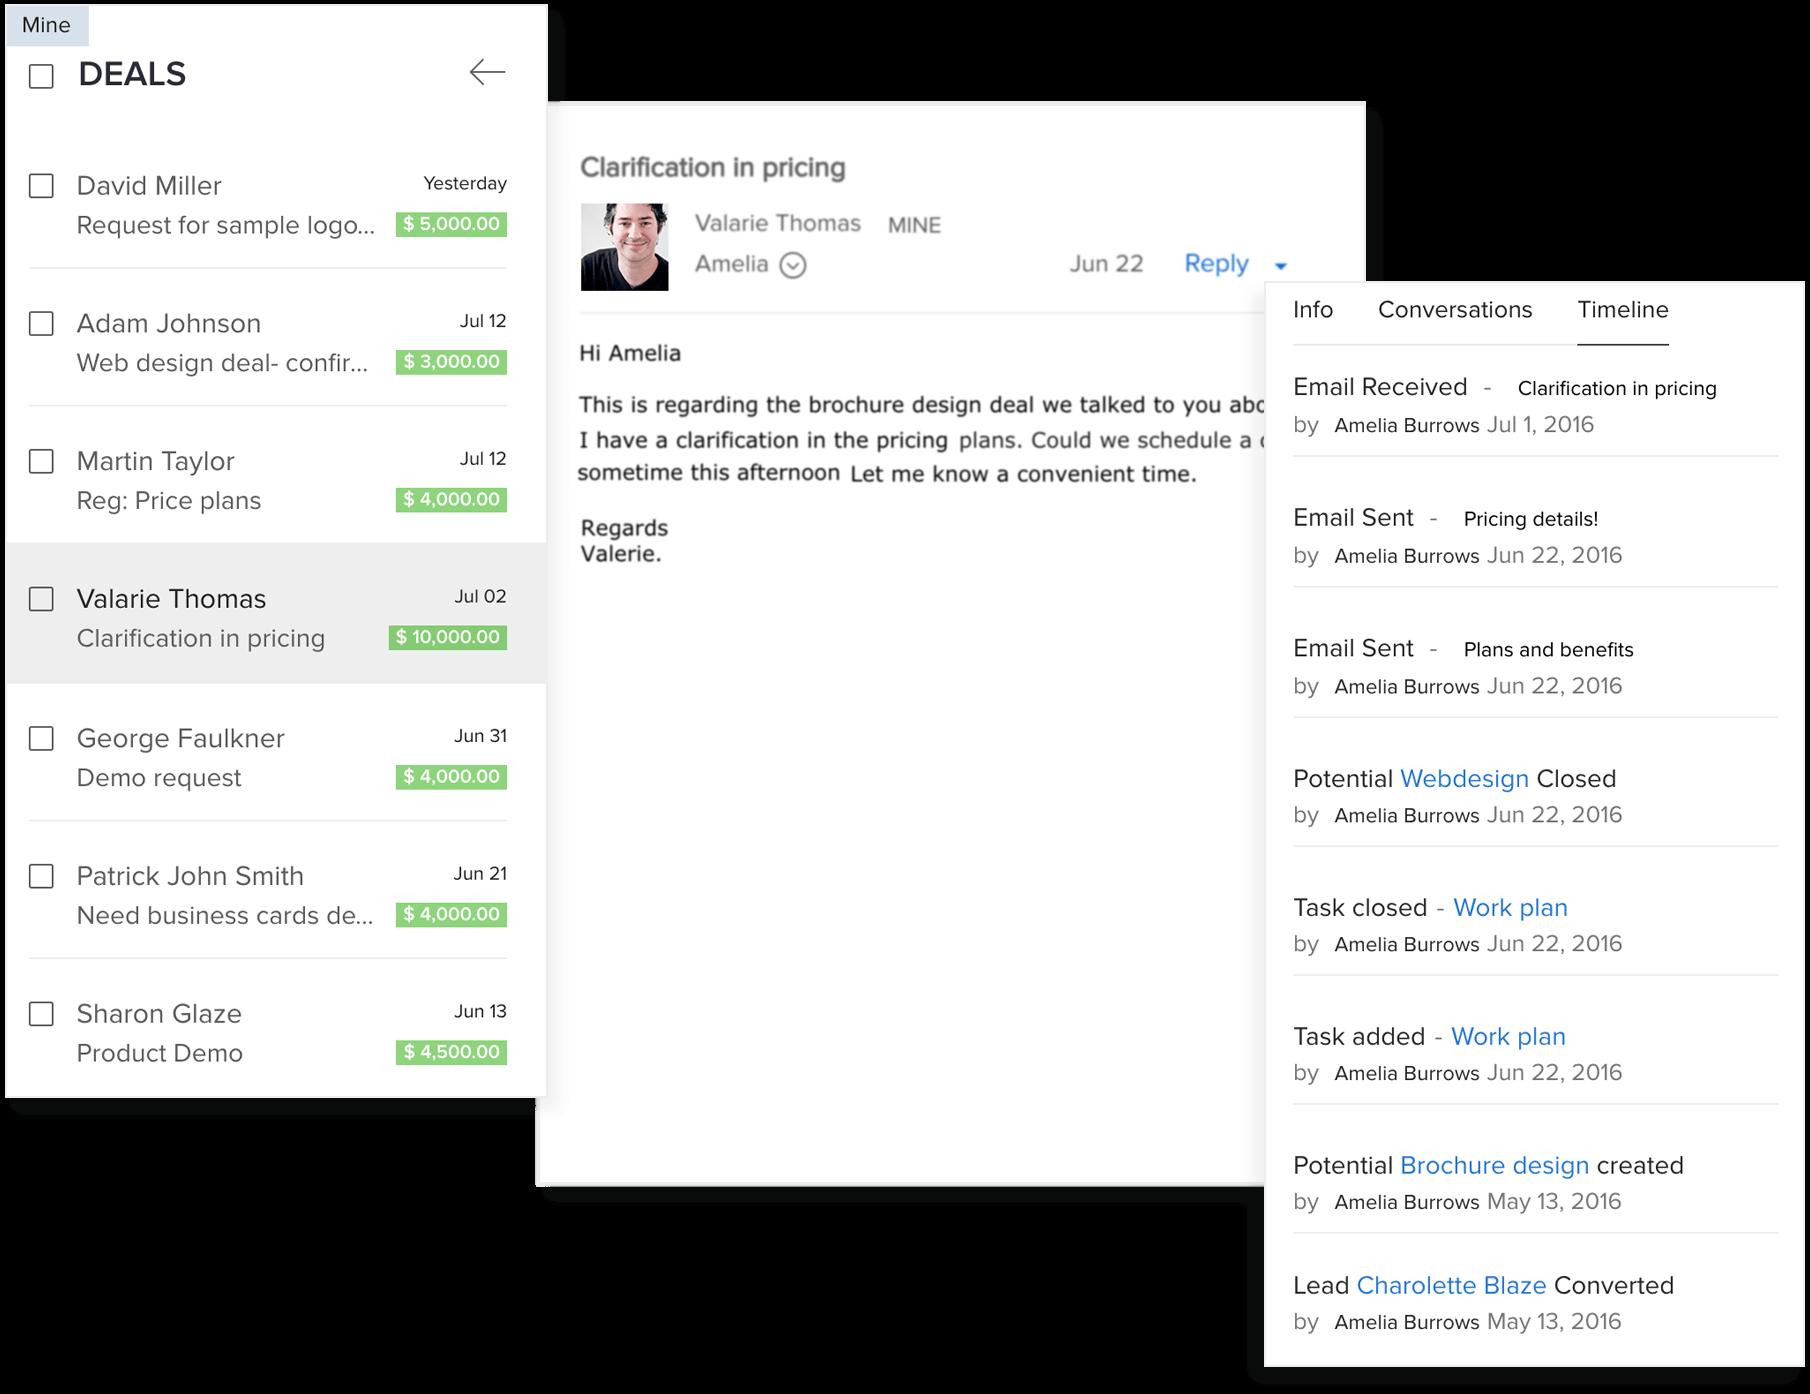 esempio-visualizzazione-email-salesinbox-timeline-crmfacile-blog